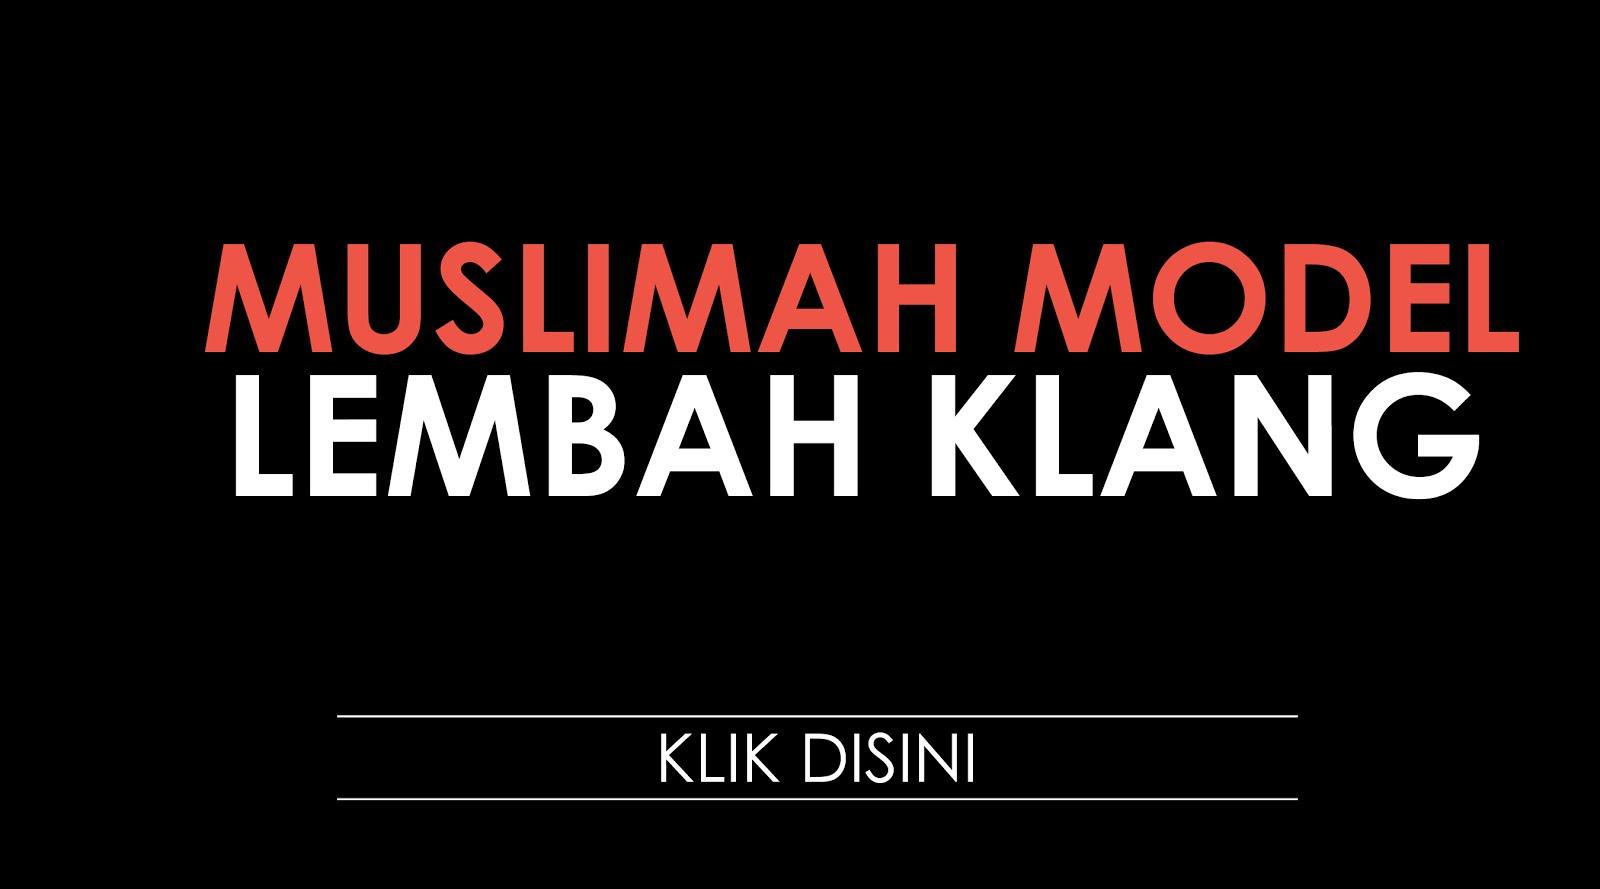 SENARAI MUSLIMAH MODEL LEMBAH KLANG